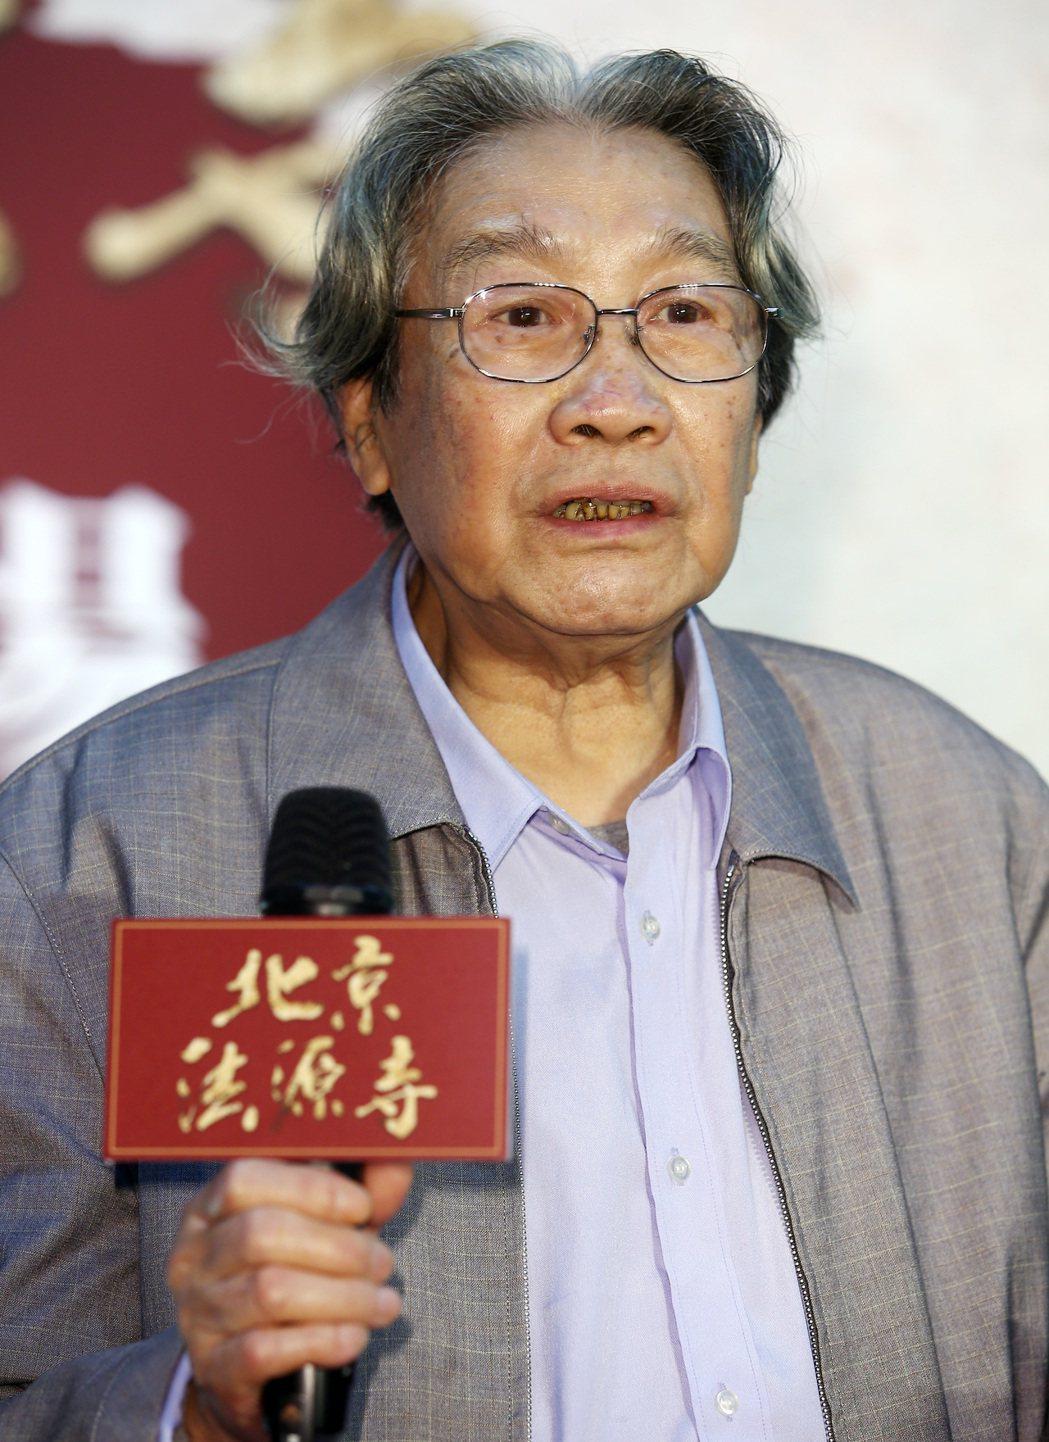 《北京法源寺》舞台劇主要演員,飾演李鴻章的黃小立。記者杜建重/攝影